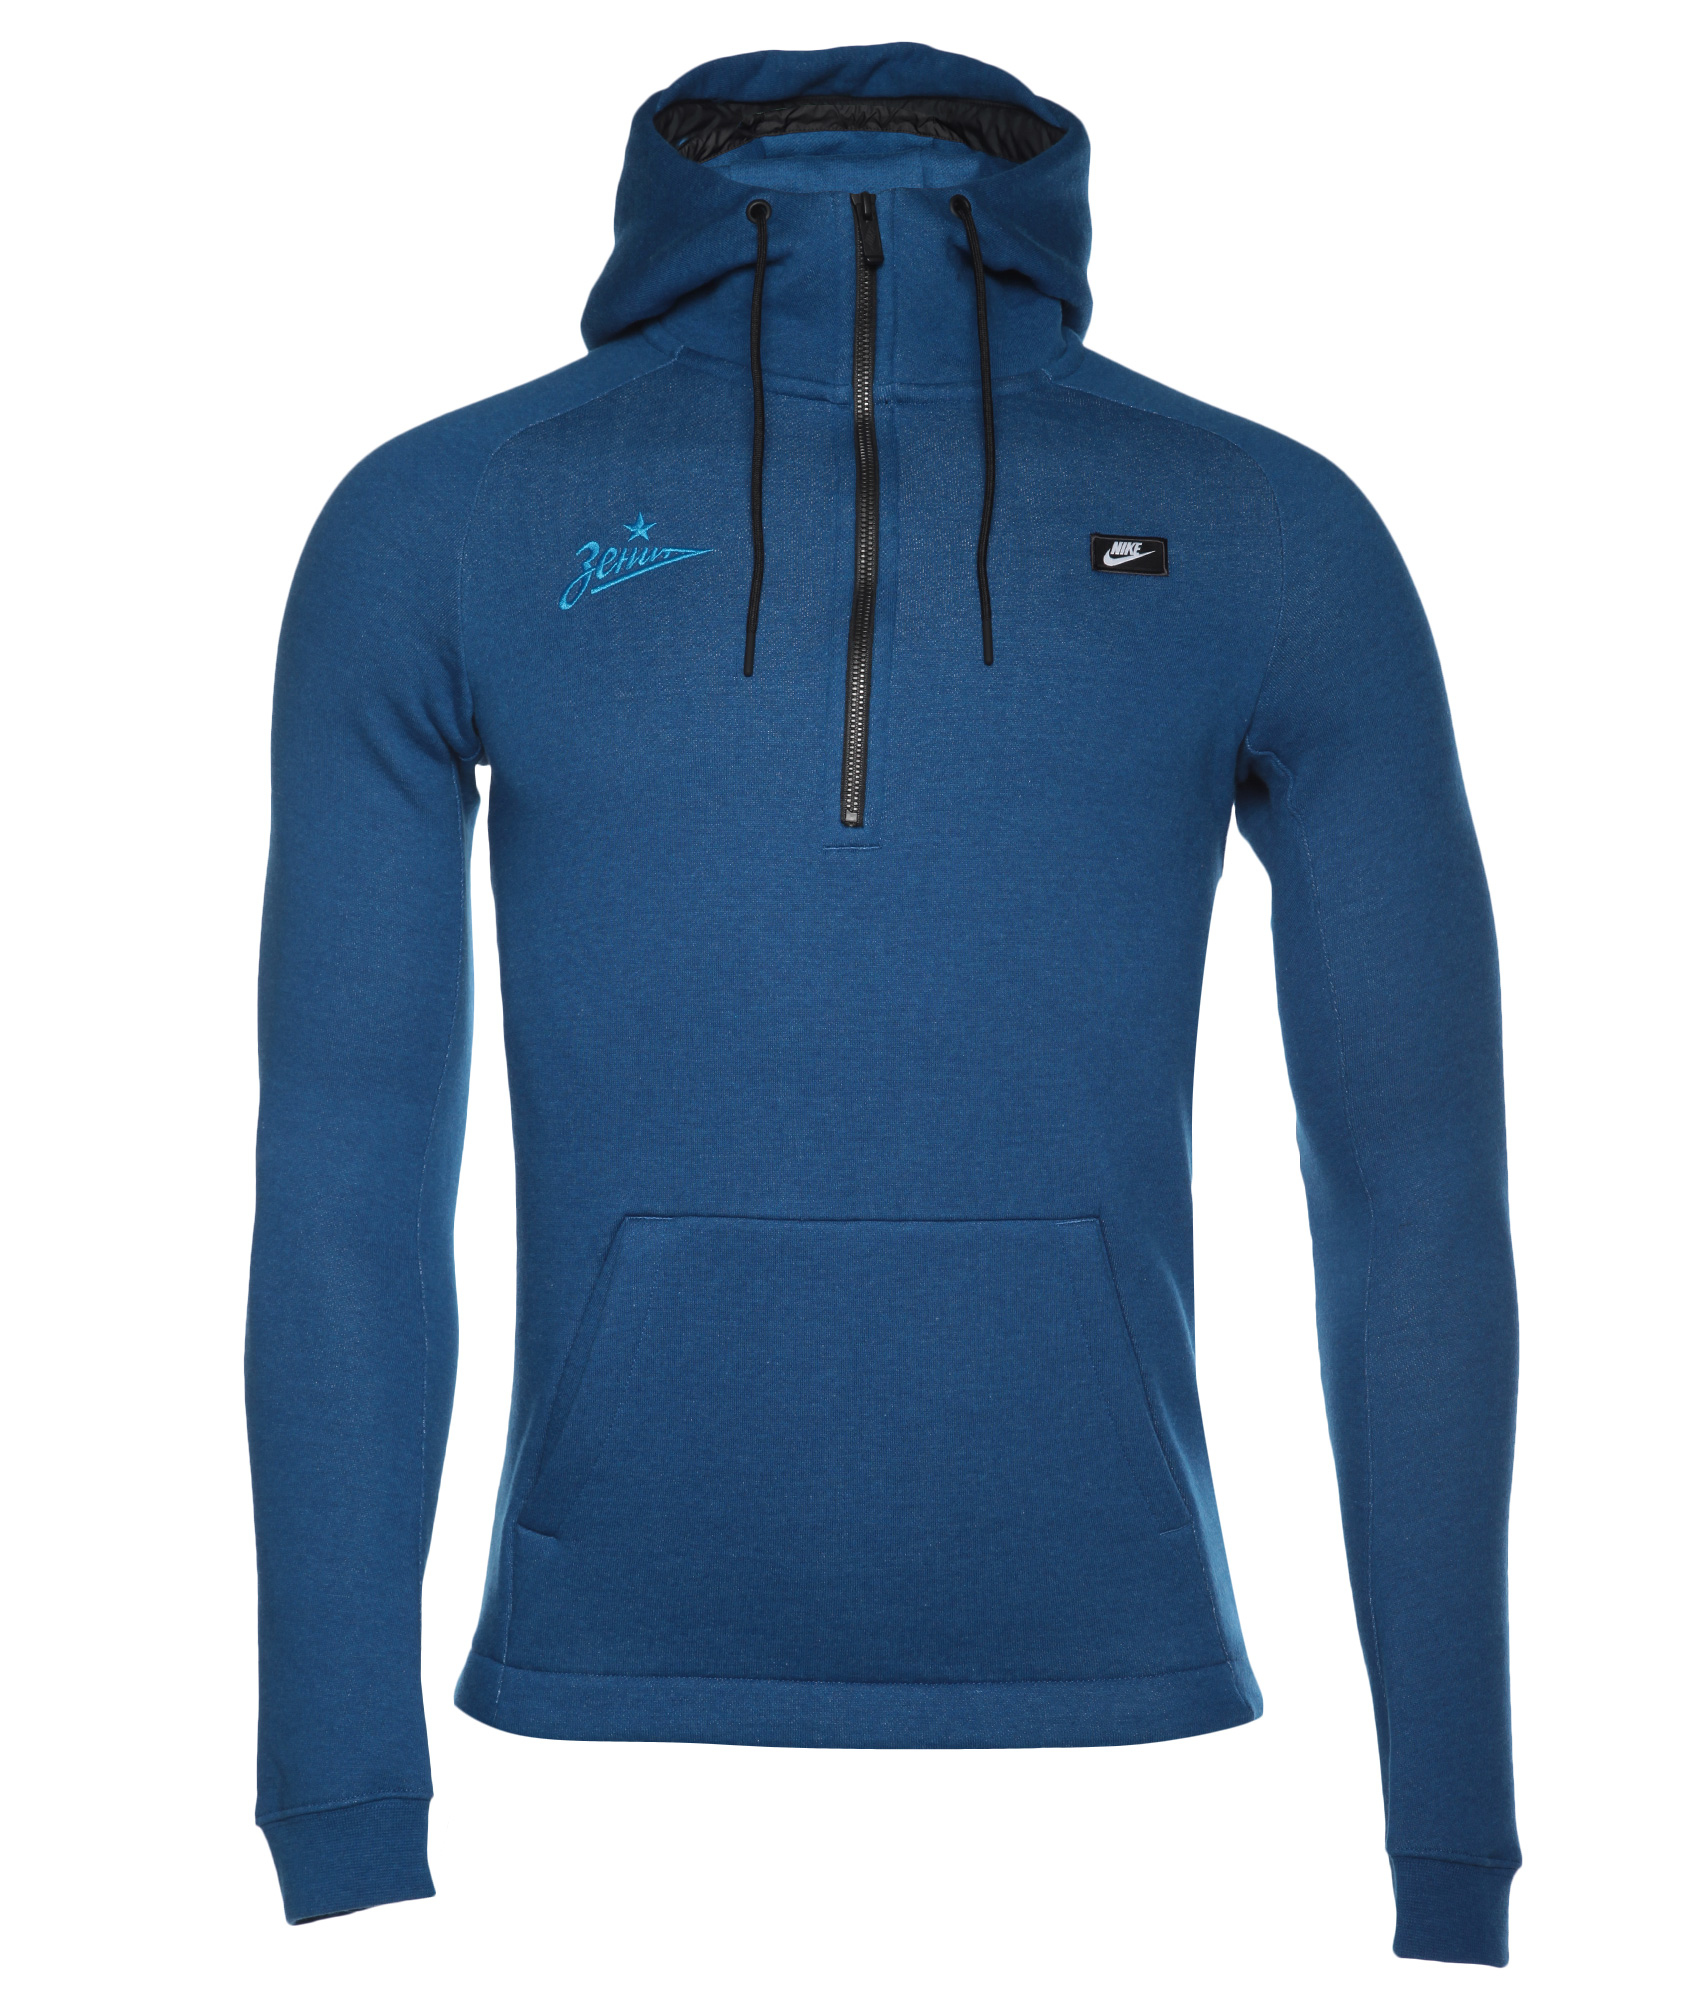 Толстовка Nike, Цвет-Синий, Размер-S кроссовки найк и цены